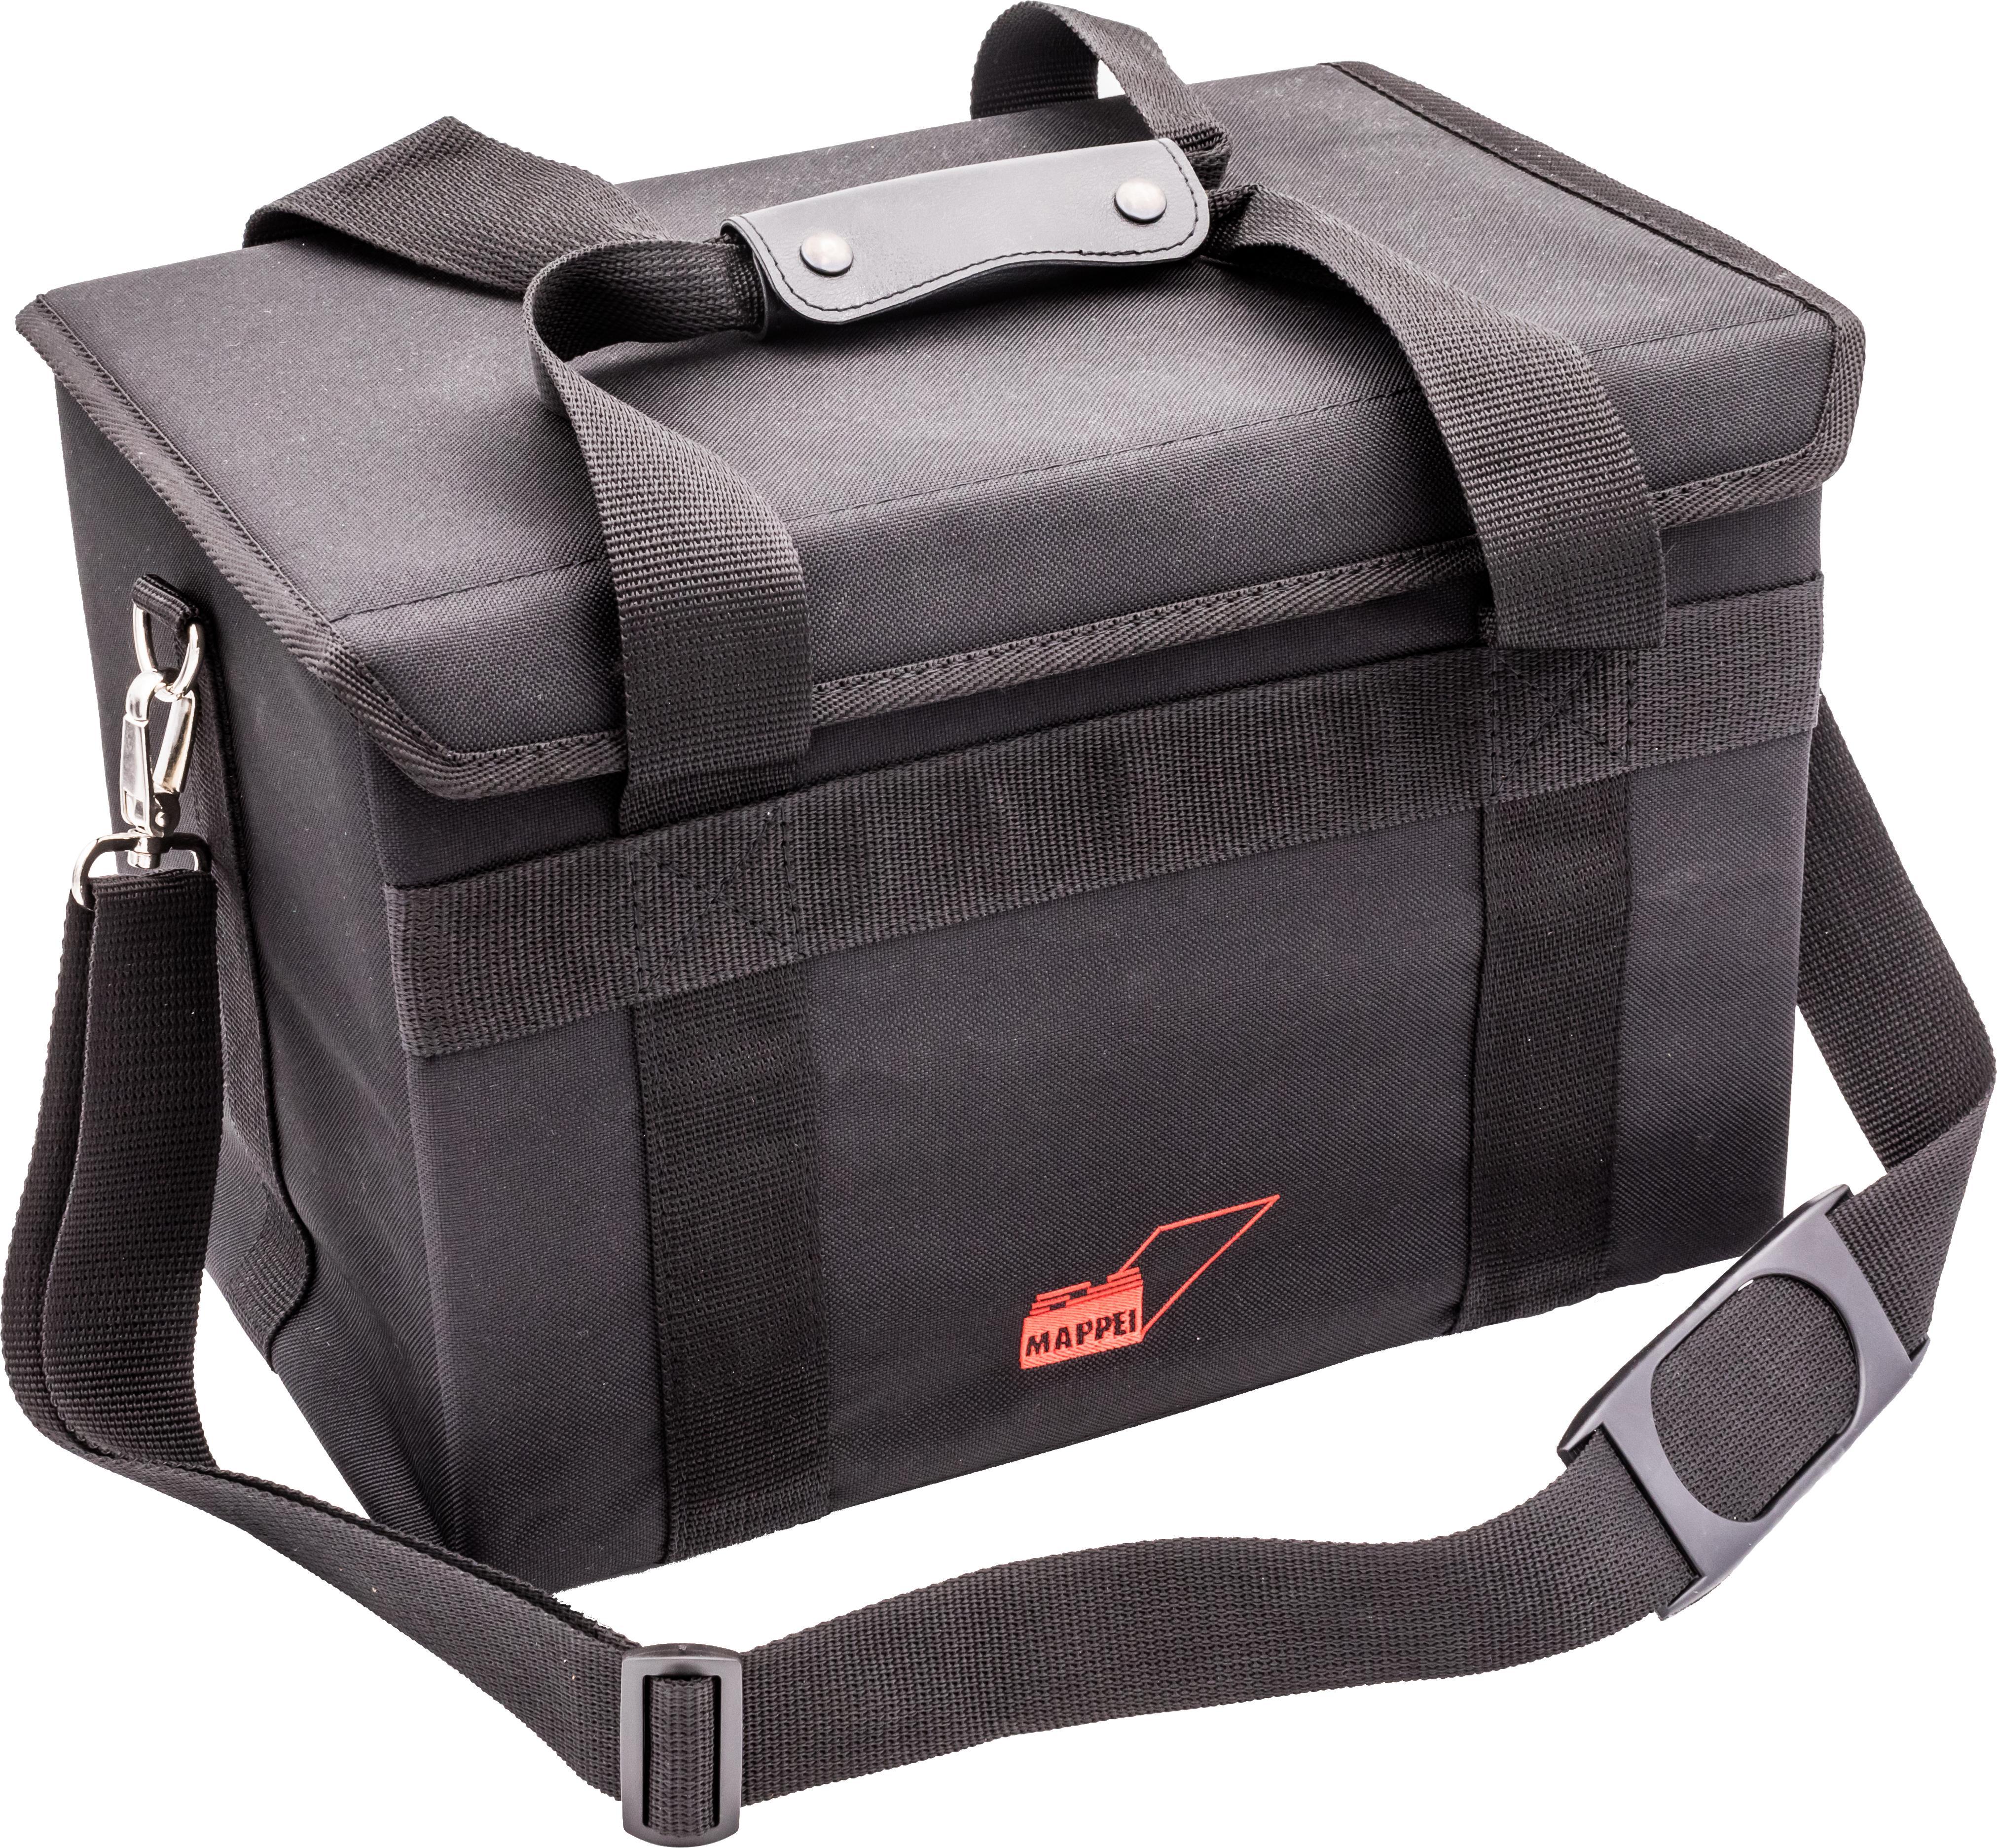 Transporttasche für 2 10 cm-Boxen, m. Trageriemen, Nylon